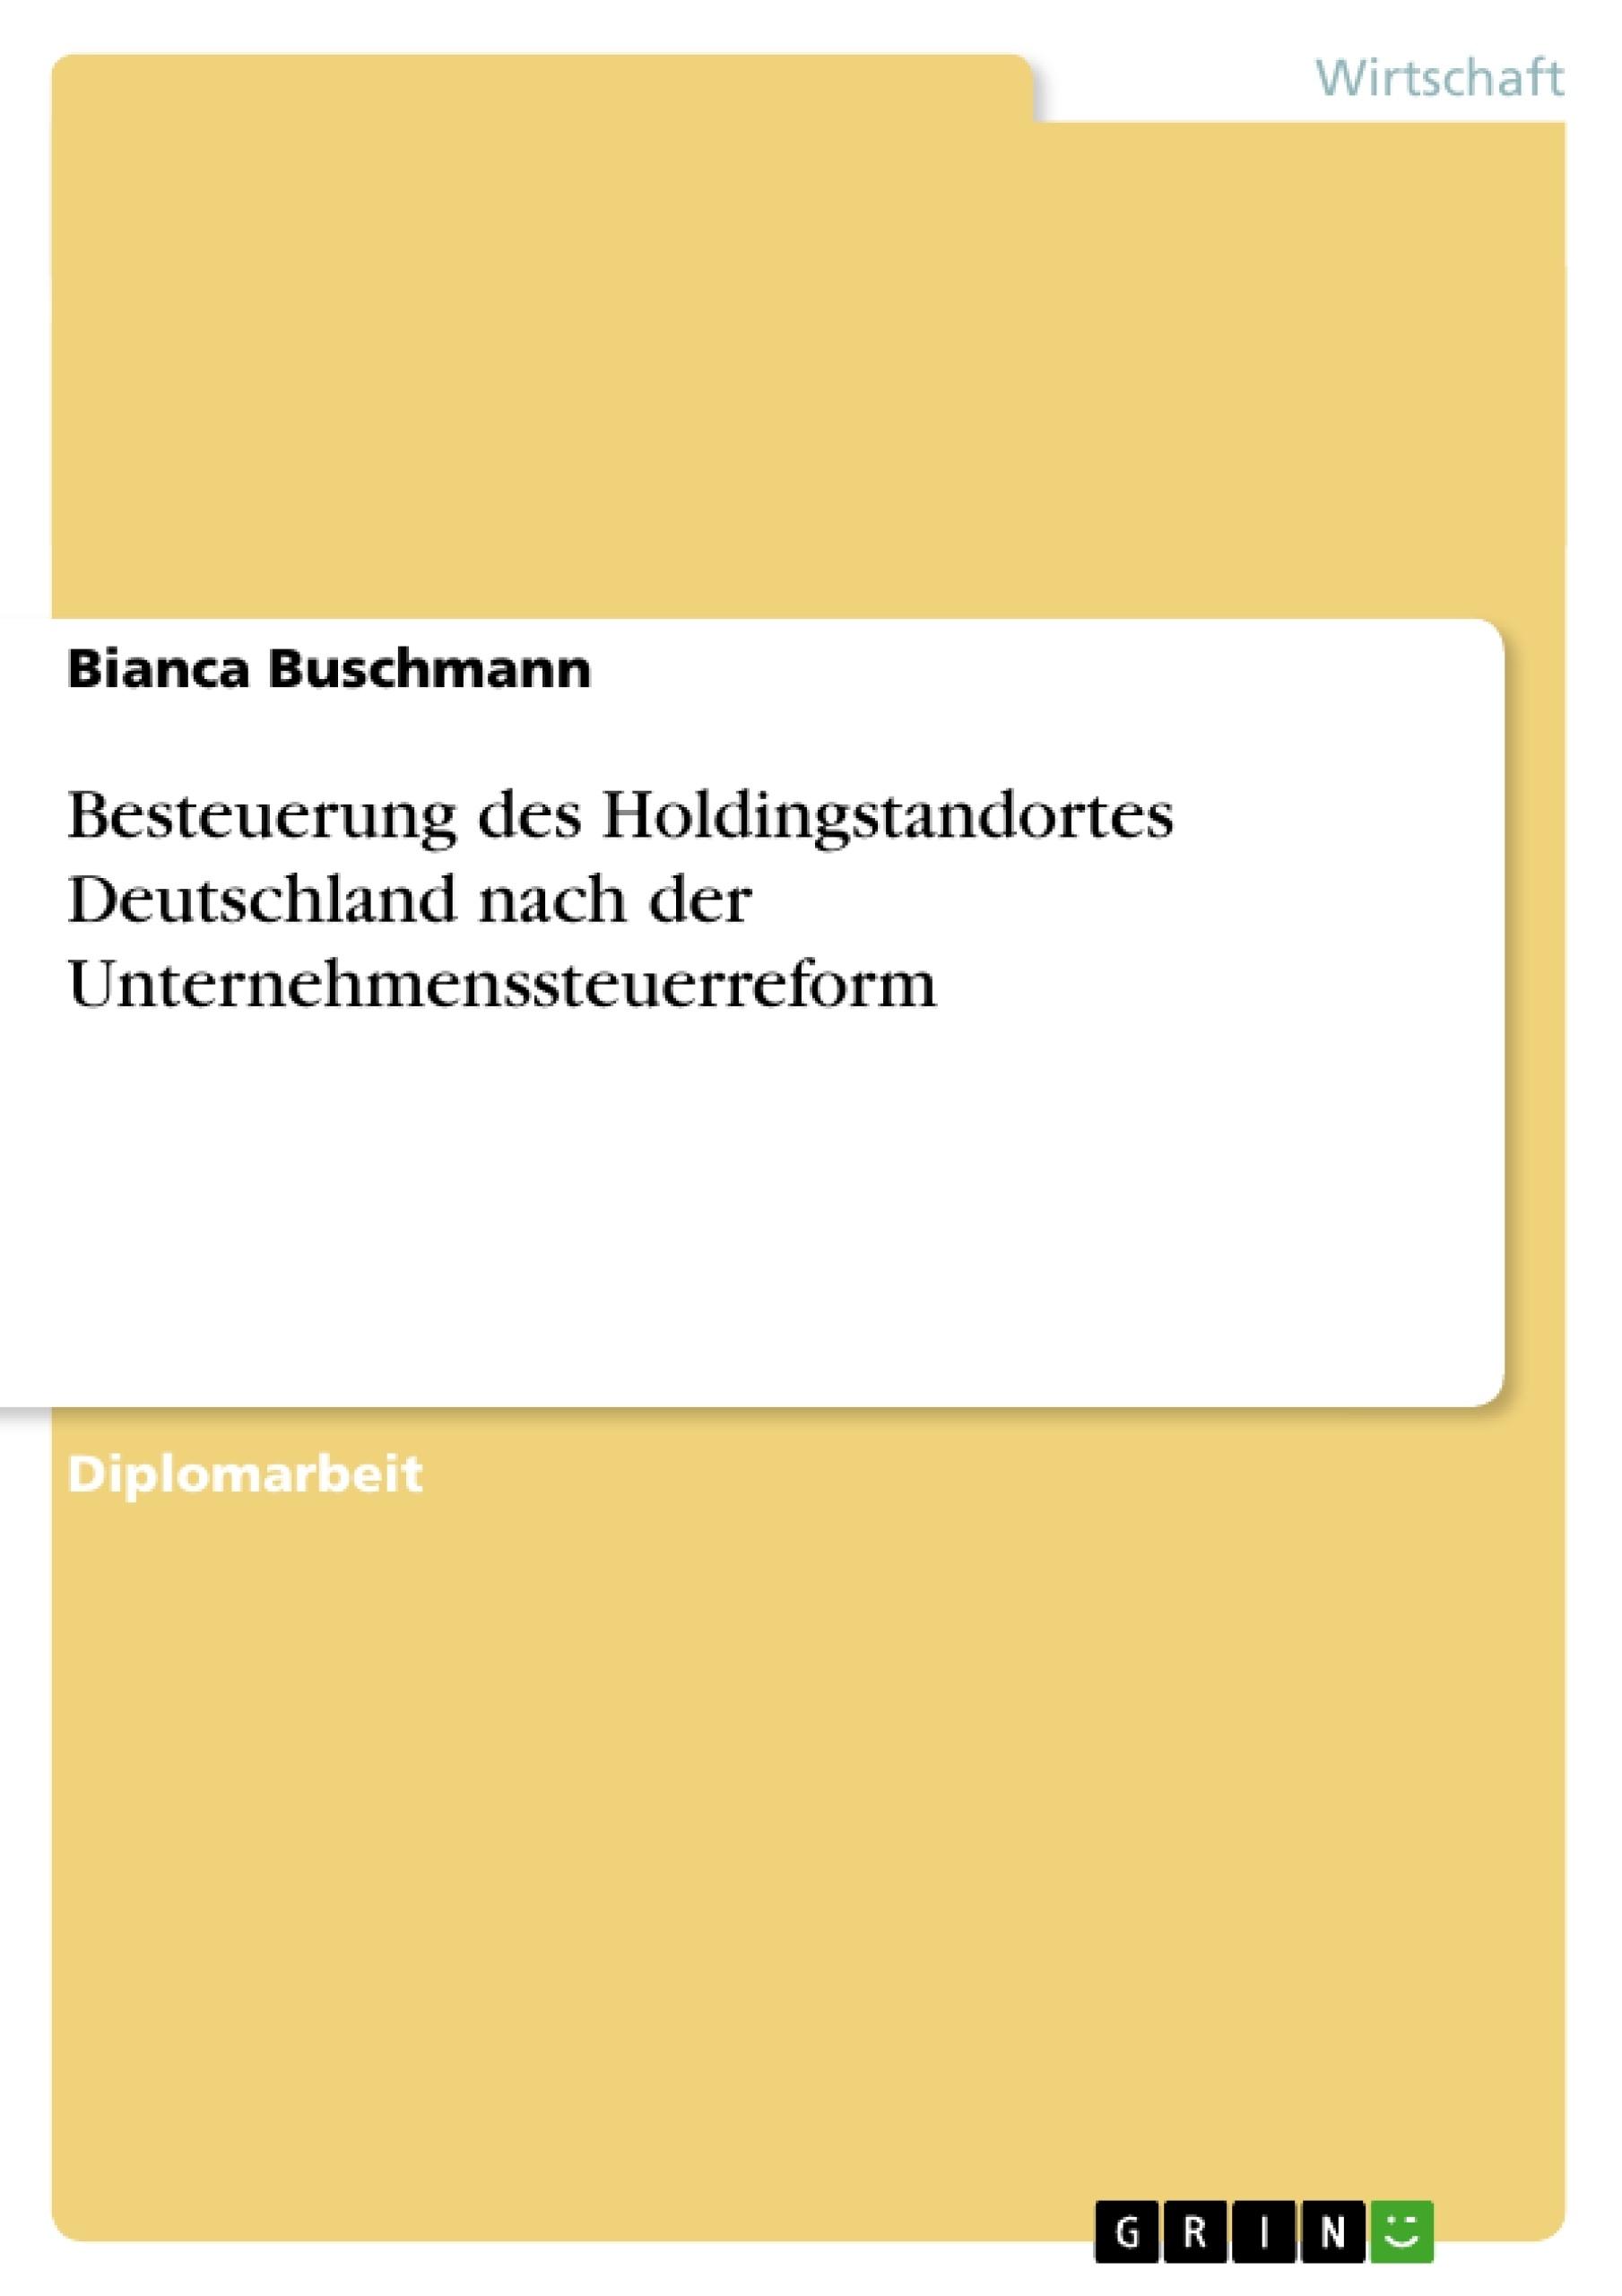 Titel: Besteuerung des Holdingstandortes Deutschland nach der Unternehmenssteuerreform